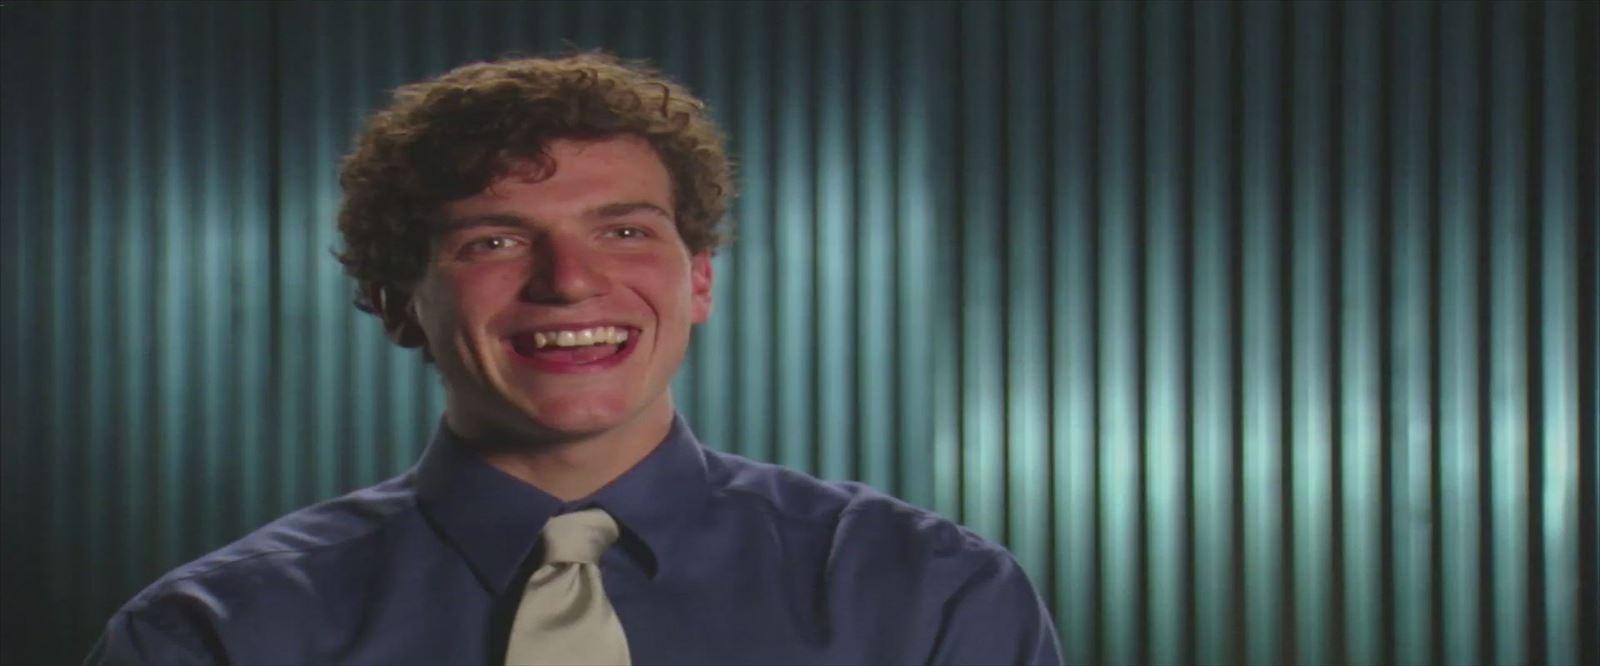 Bonus Scene - Cheerful Eddie